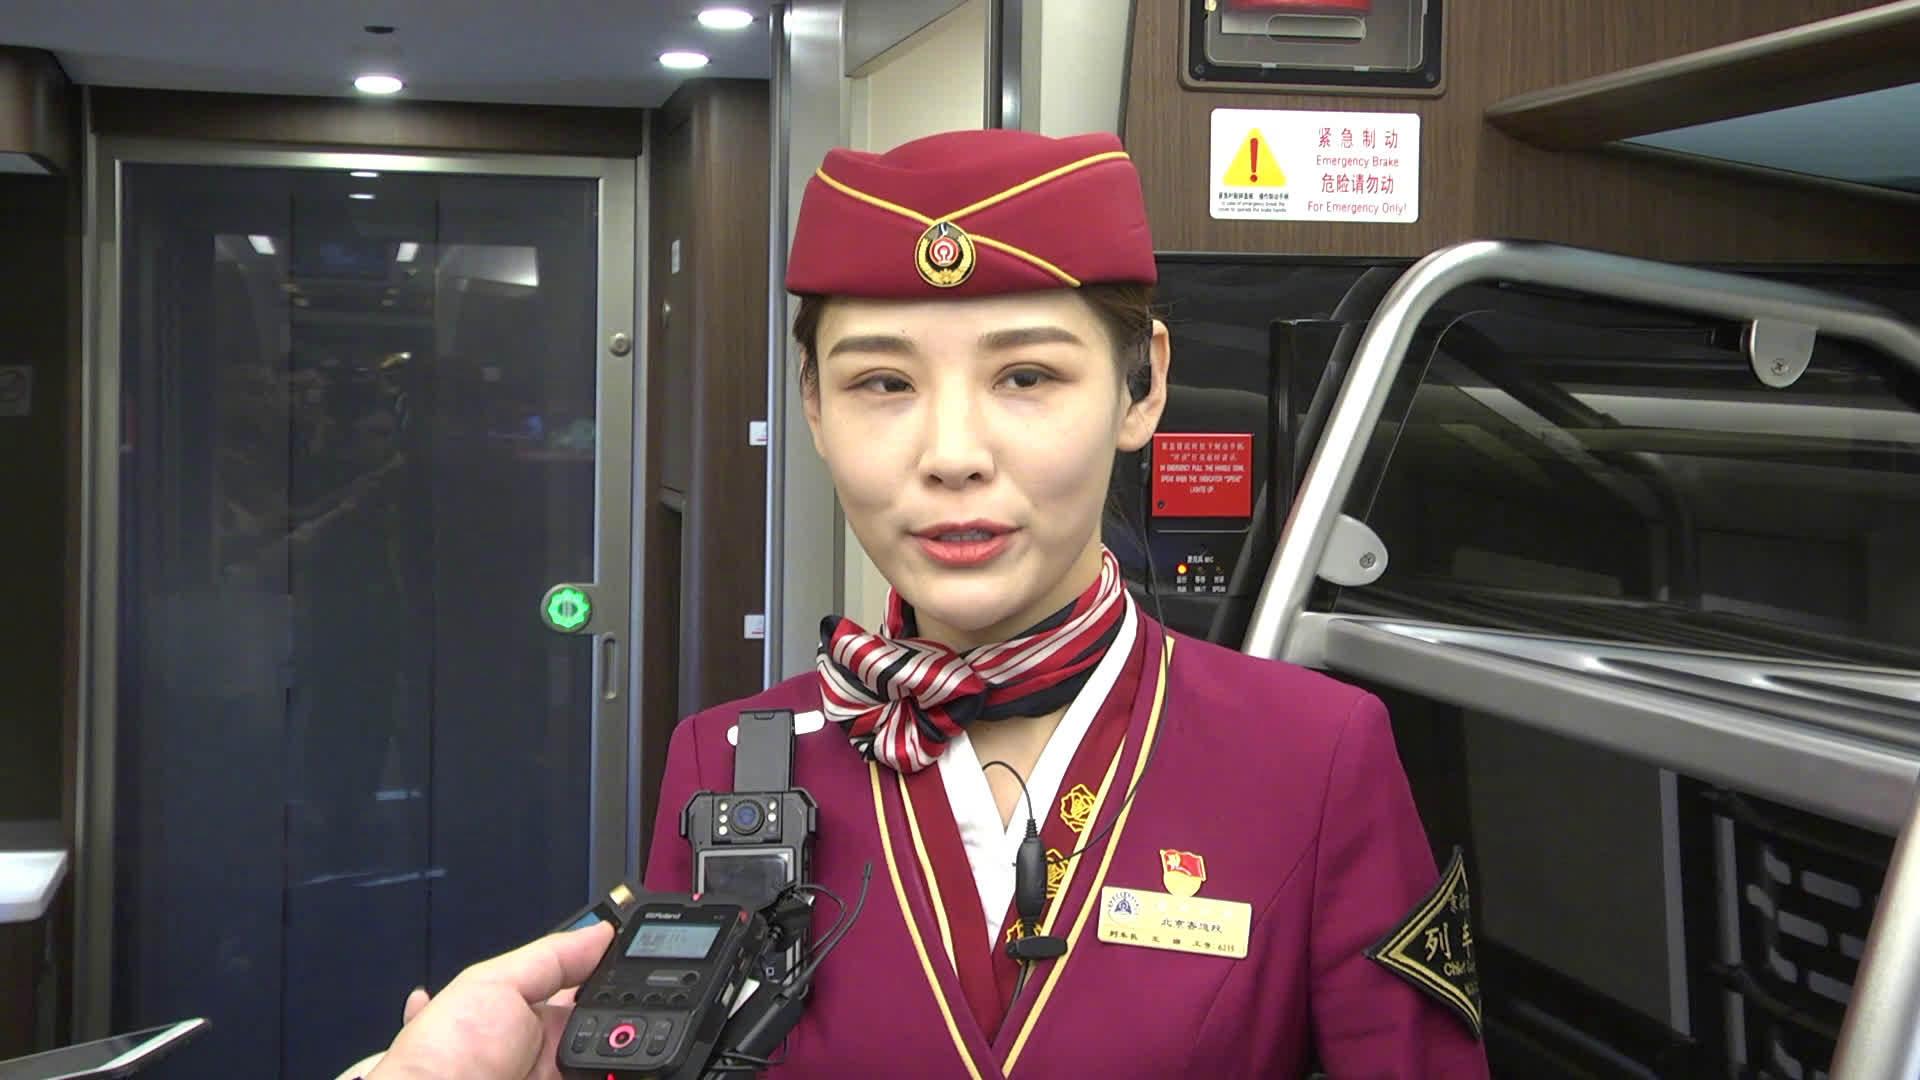 京雄城际北京西大兴机场段各次列车由@北京客运段微博 京广高铁车